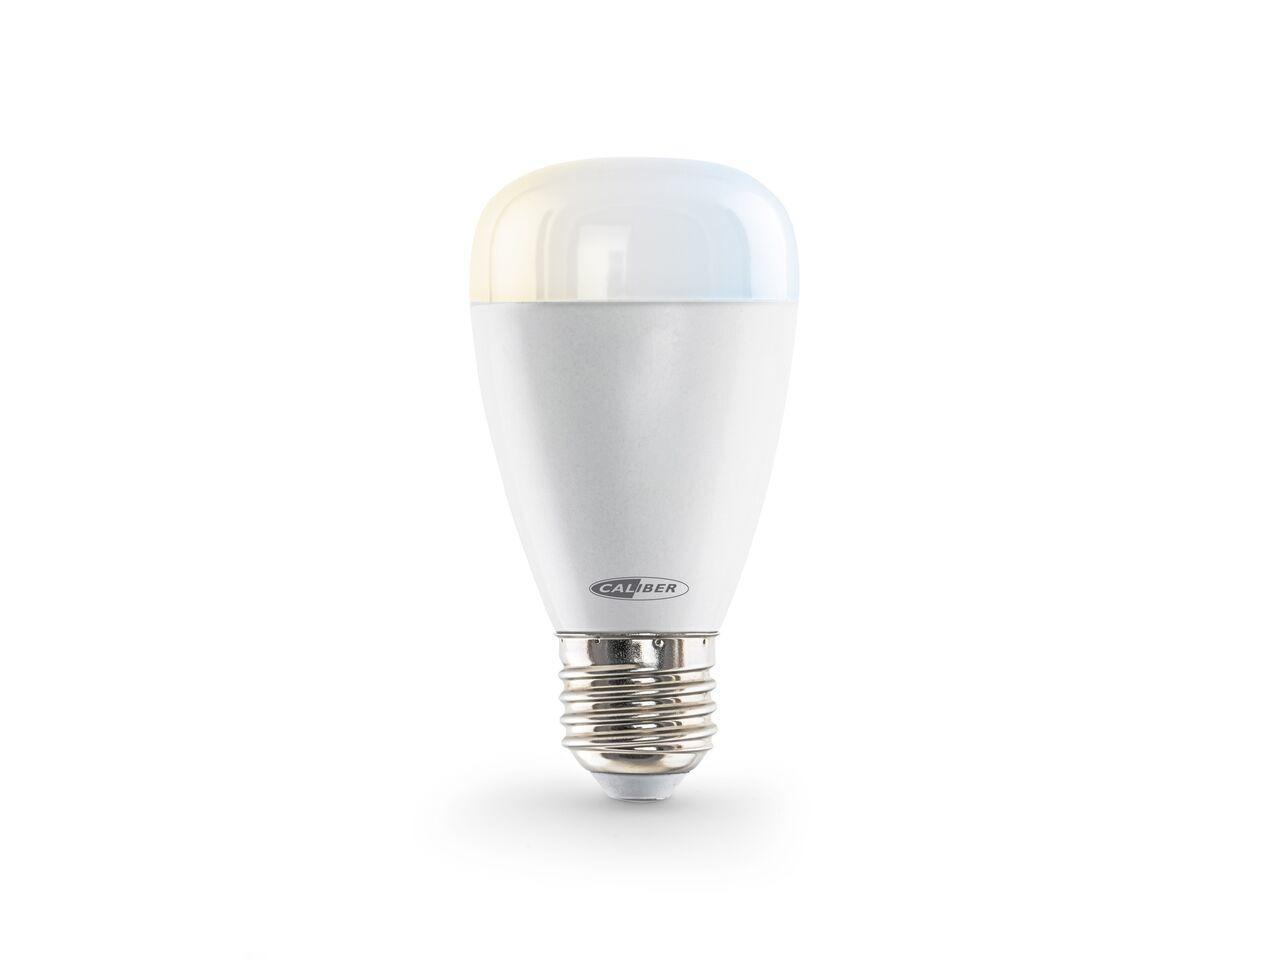 Korting Caliber HWL2201 Smart Lamp E27 (werkt met Google Assistant) Smartverlichting